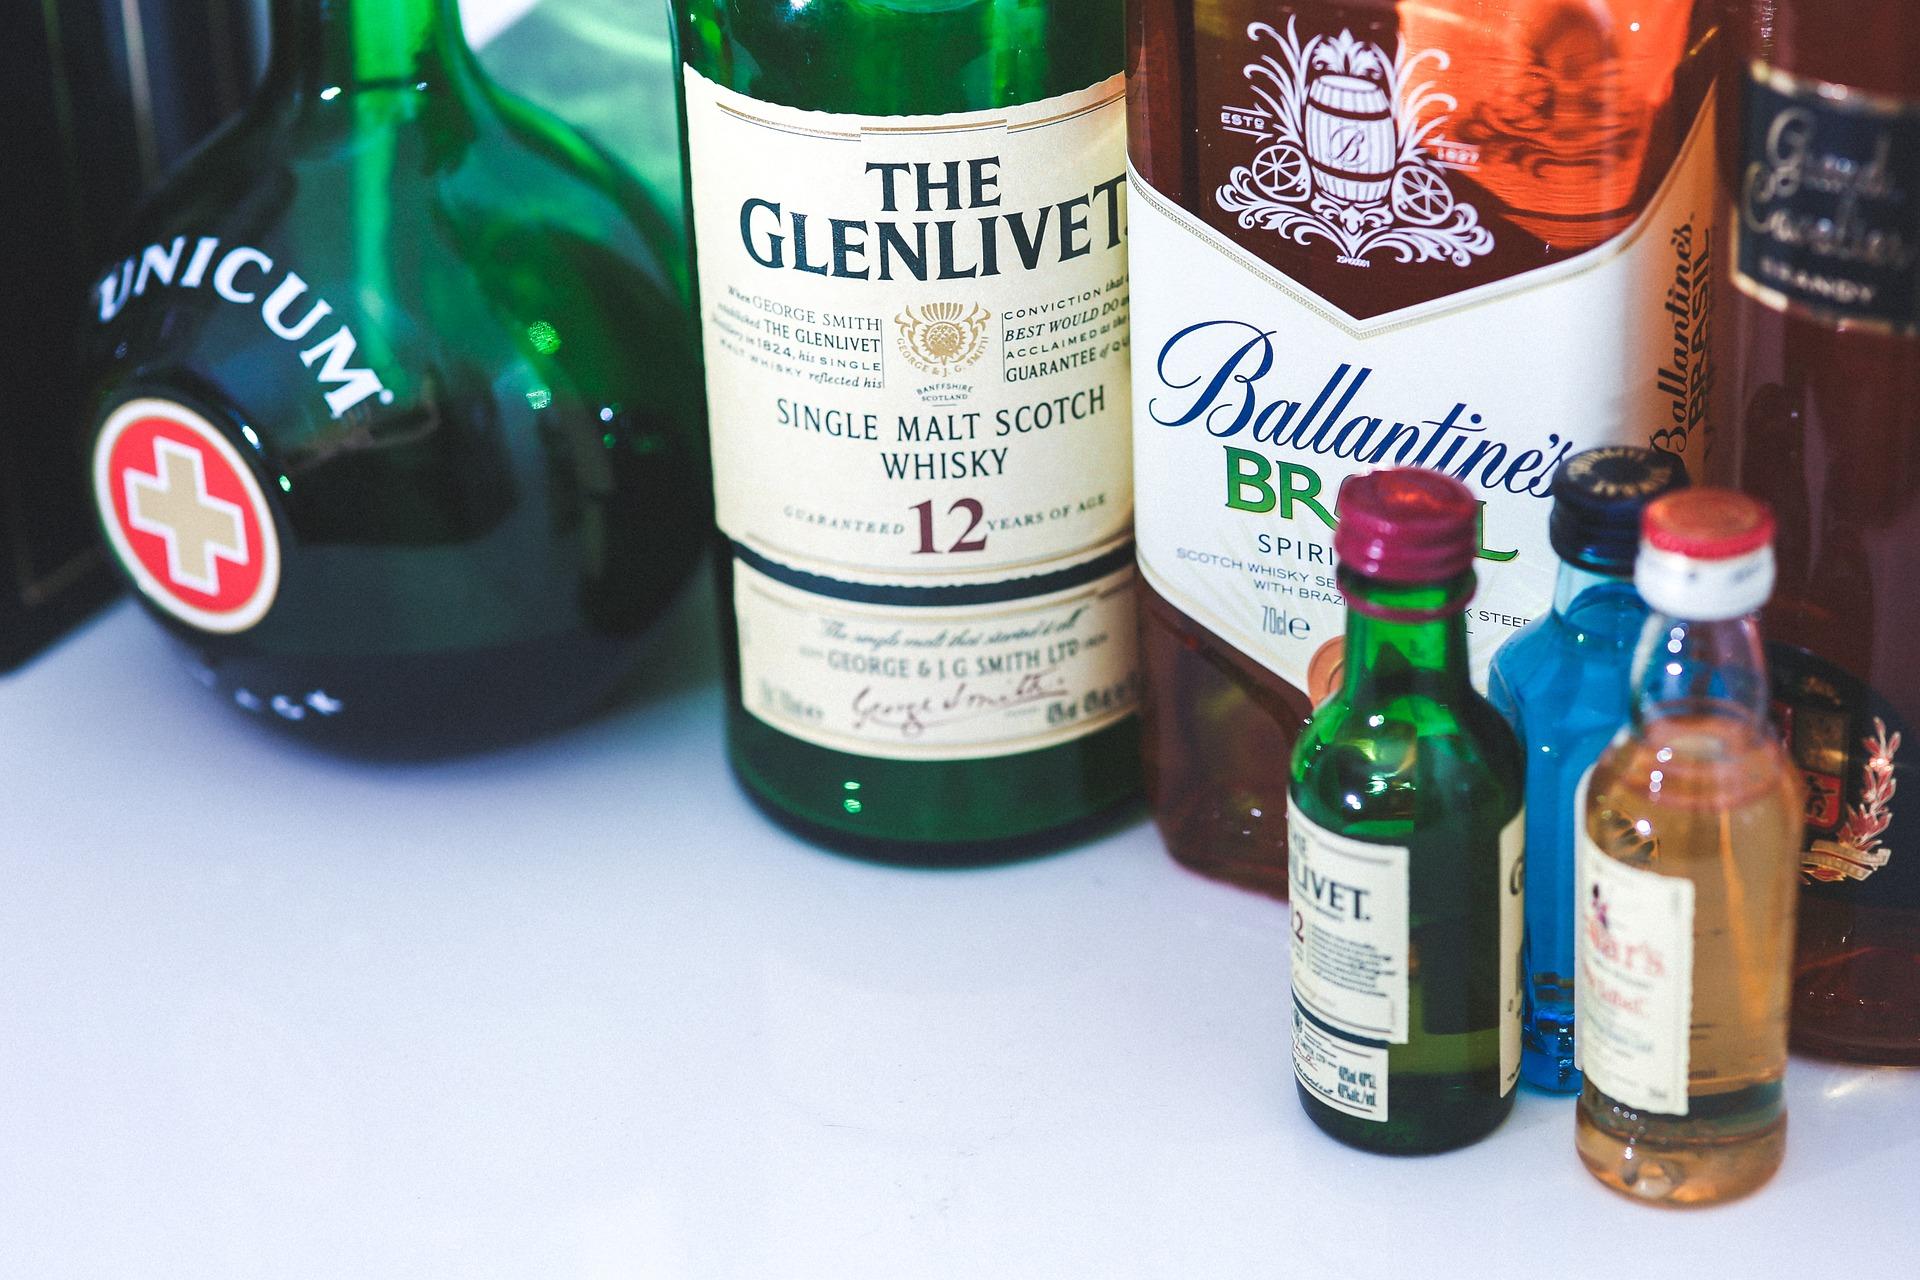 【ウイスキー】初心者におすすめウイスキー3選【飲みやすい】